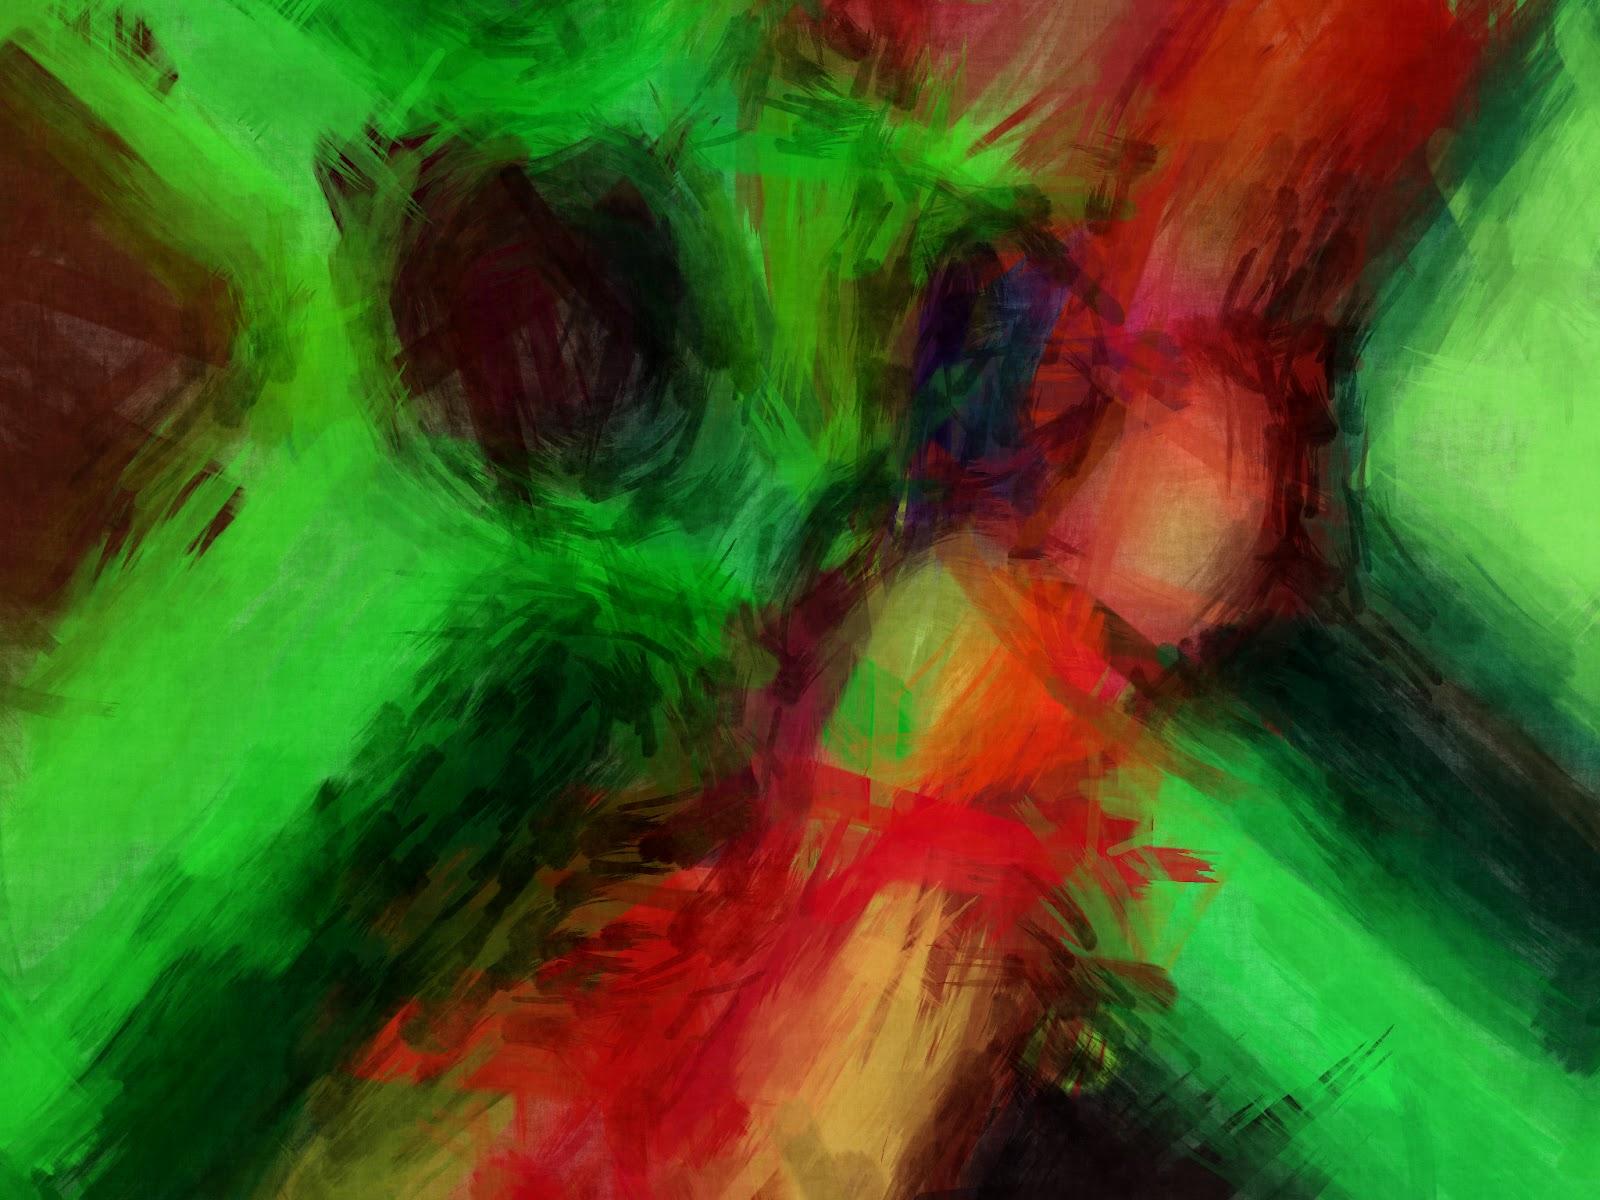 http://1.bp.blogspot.com/-H4Dr3DEkSHQ/T2nA8OAAg0I/AAAAAAAAKb4/IULHyyBvVGU/s1600/ipad3-wallpaper-background-ko3002.jpg